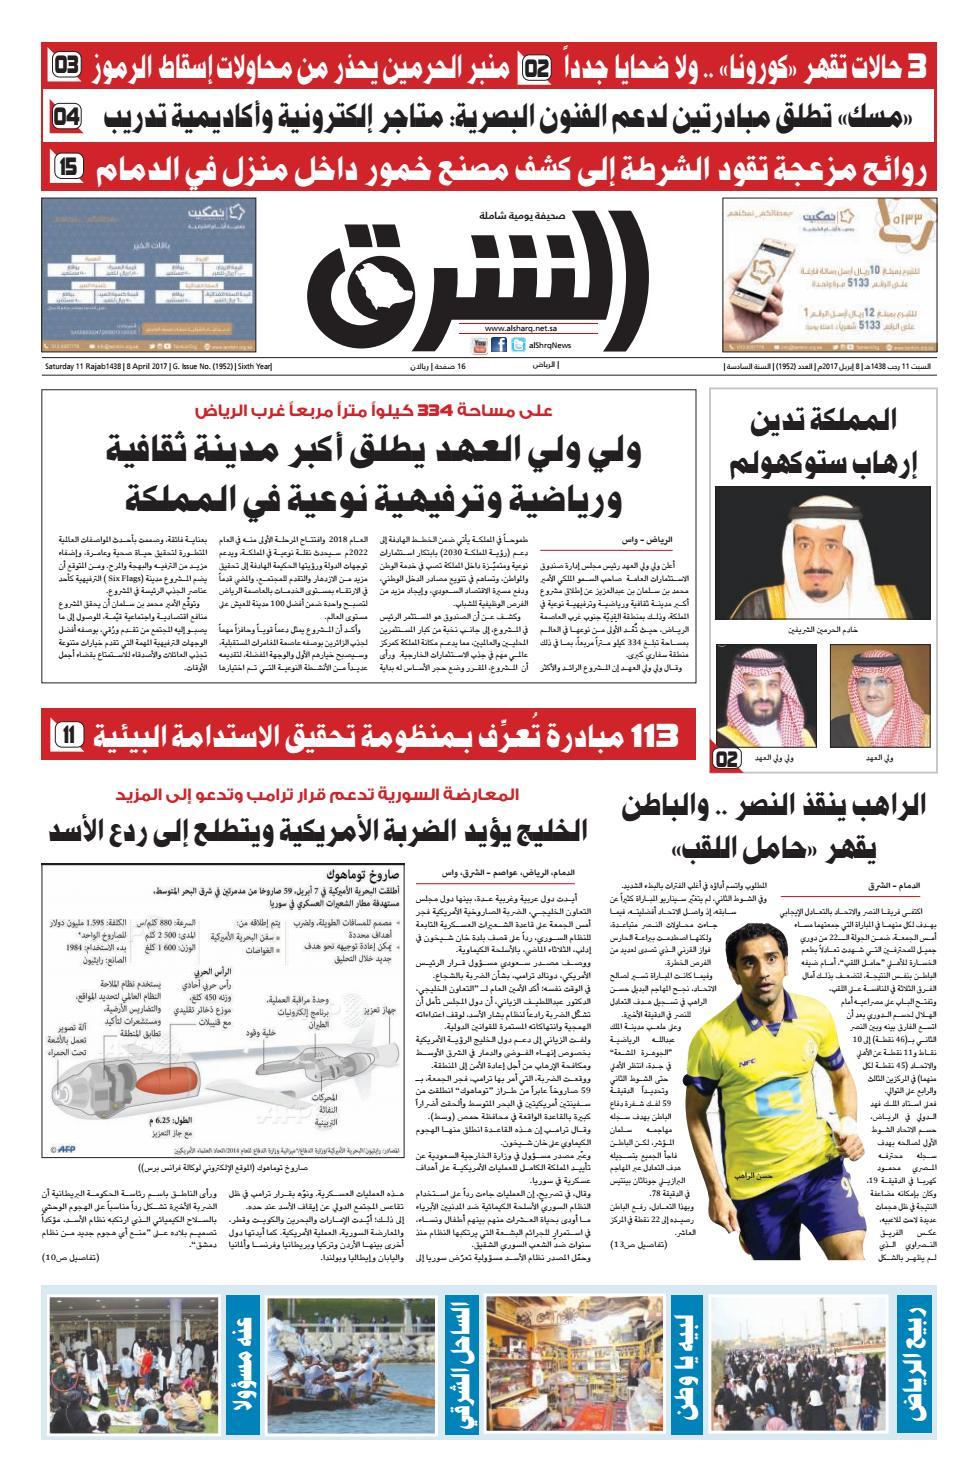 a149ac9975560 صحيفة الشرق - العدد 1952 - نسخة الرياض by صحيفة الشرق السعودية - issuu